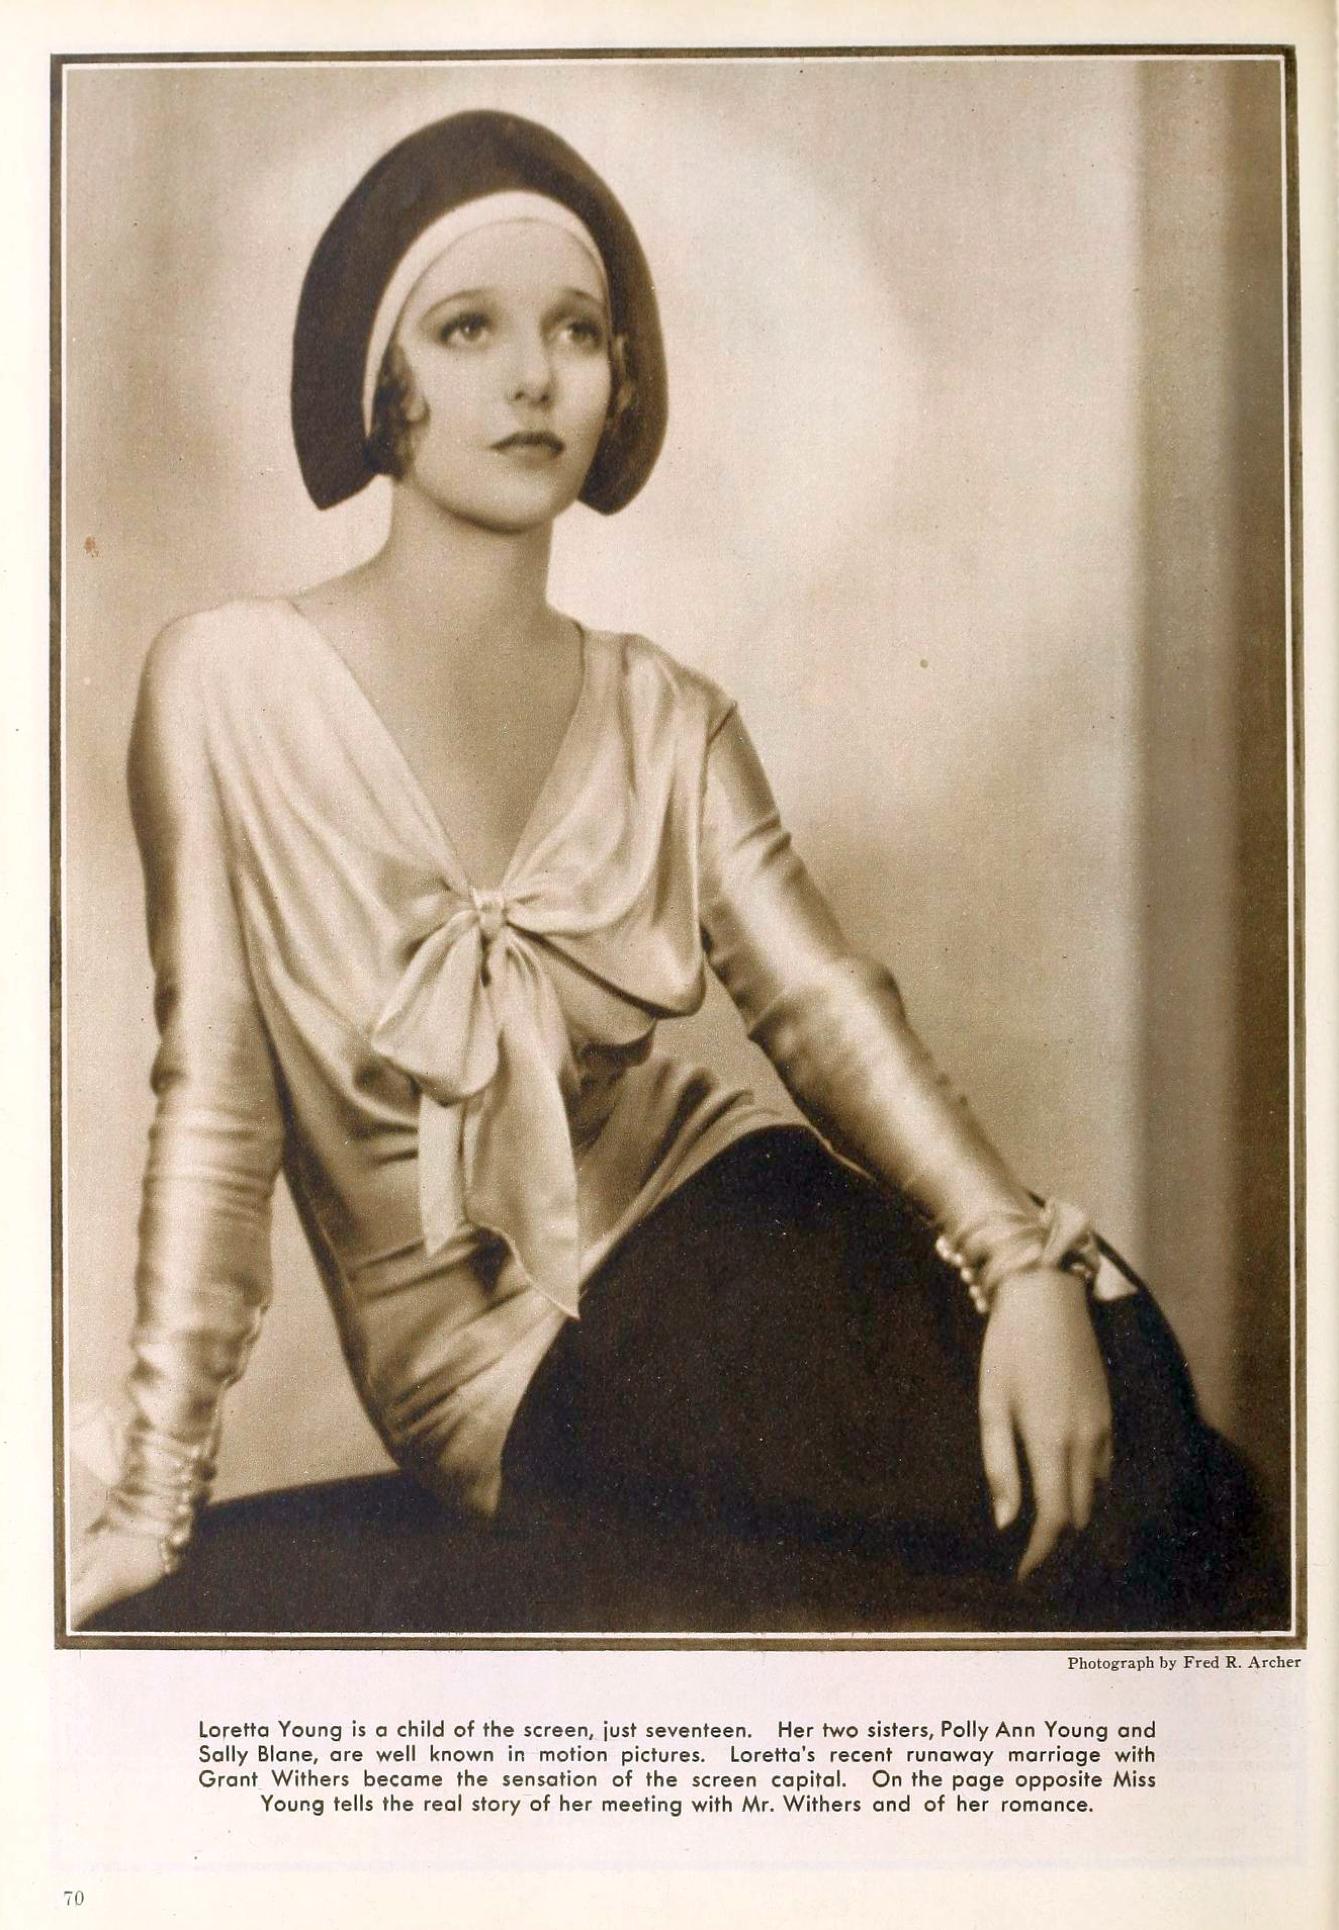 loretta young the new movie magazine april 1930a